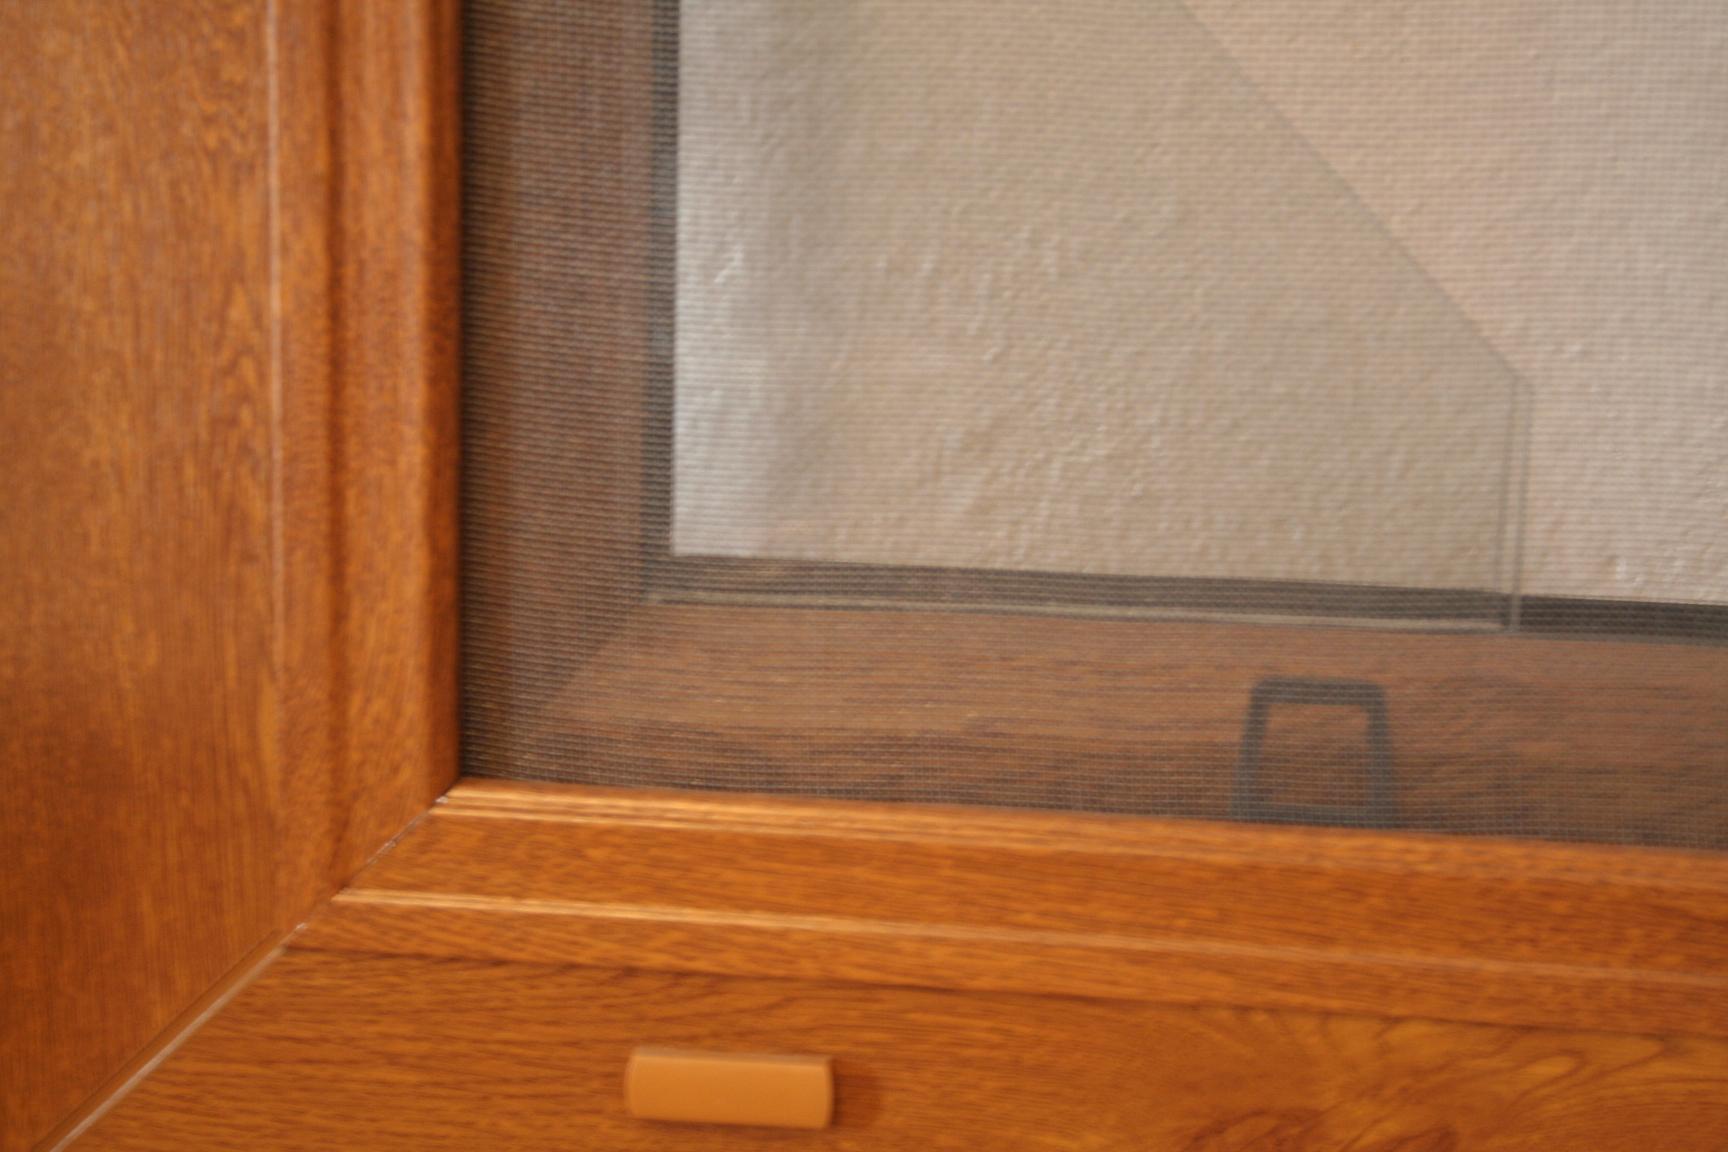 Sítě do oken proti hmyzu PETROMILA 501-600mm zlatý dub VÝŠKA: 200-300mm, ODSTÍN RÁMU: zlatý dub